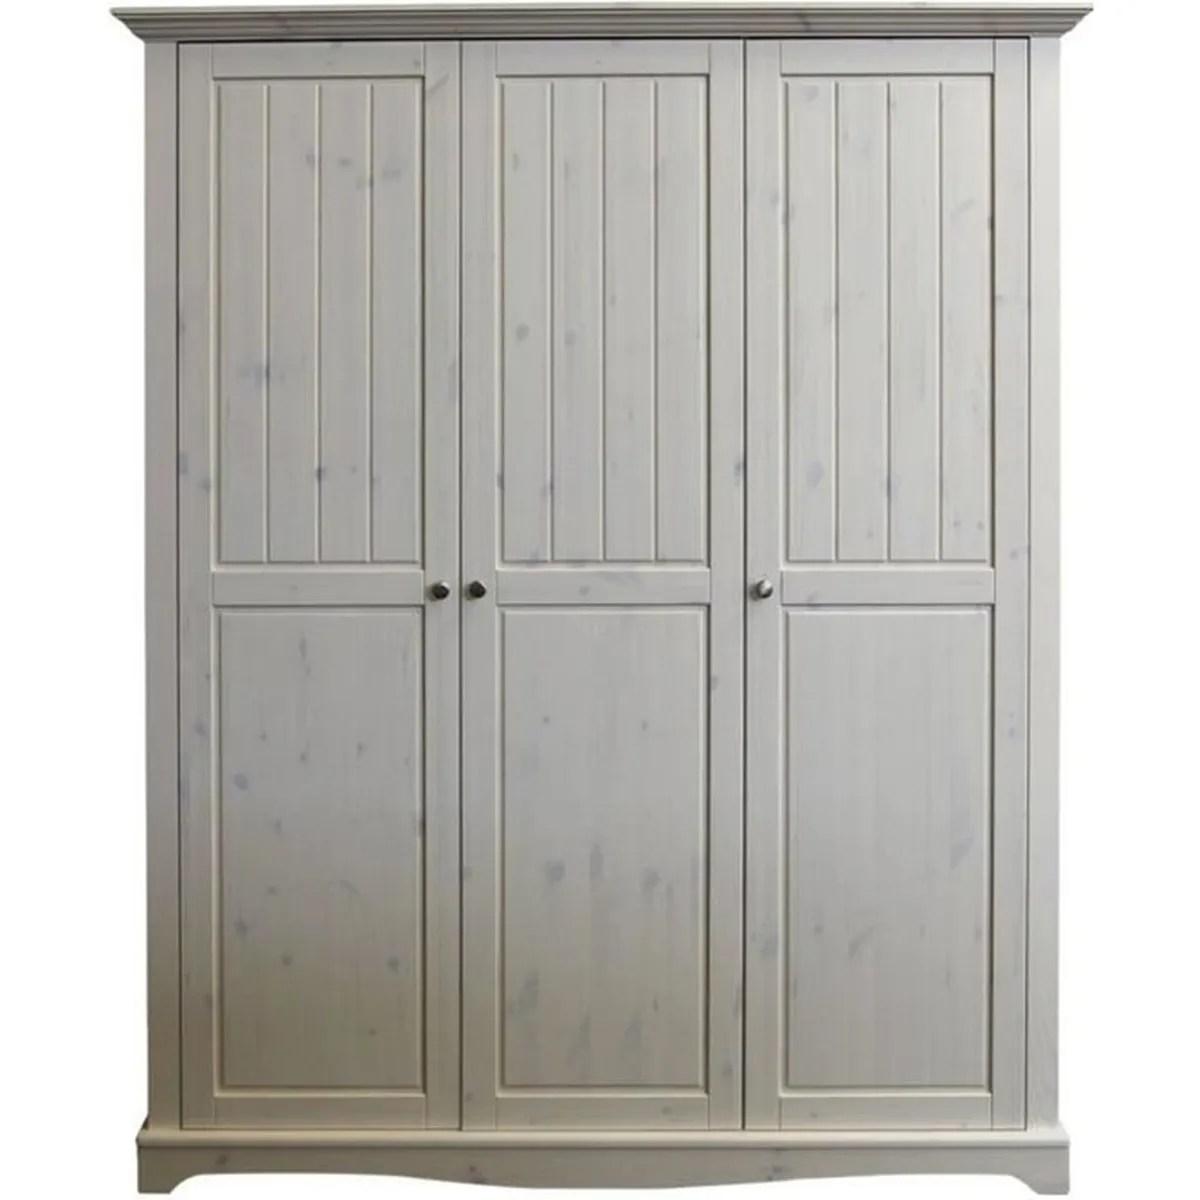 armoire de chambre armoire pin massif chaule blanc dim 170 x